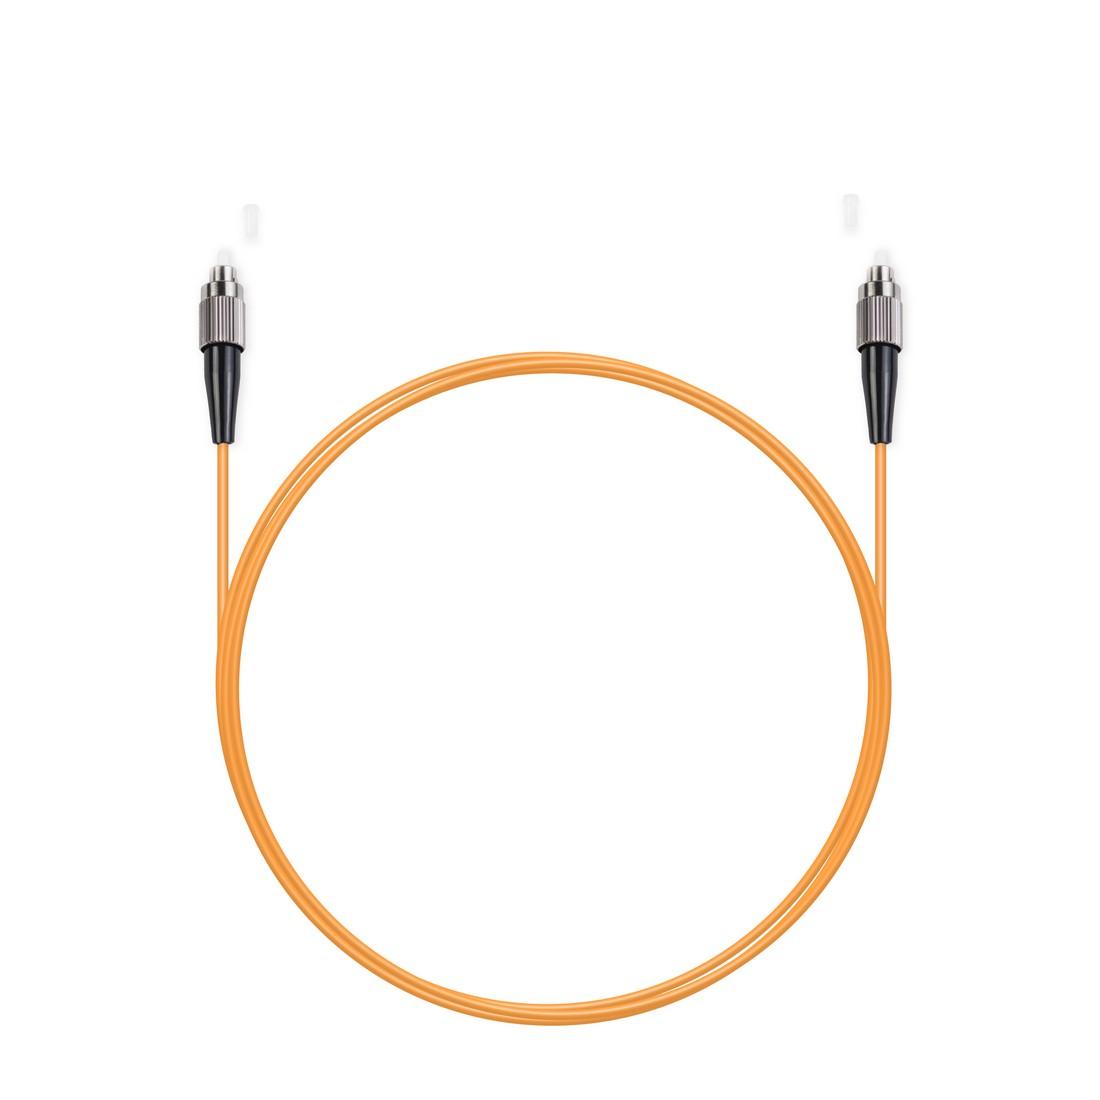 Патч Корд Оптоволоконный FC / UPC-FC / UPC MM OM1 62.5 / 125 Simplex 3.0мм 2 м